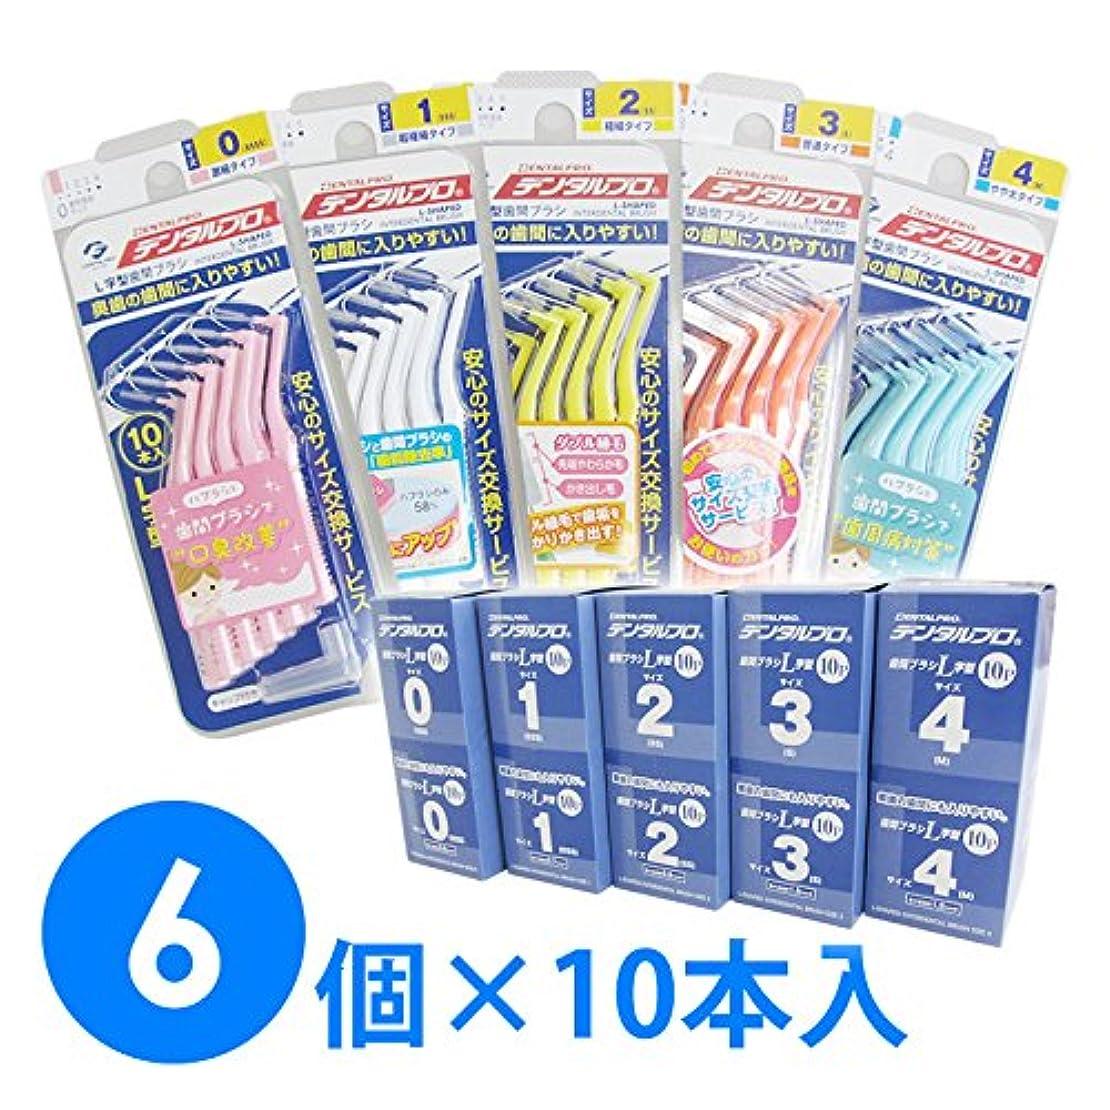 ピザブルいとこ【6個1箱】デンタルプロ 歯間ブラシL字型 10本入り×6個 (SS(2)イエロー)